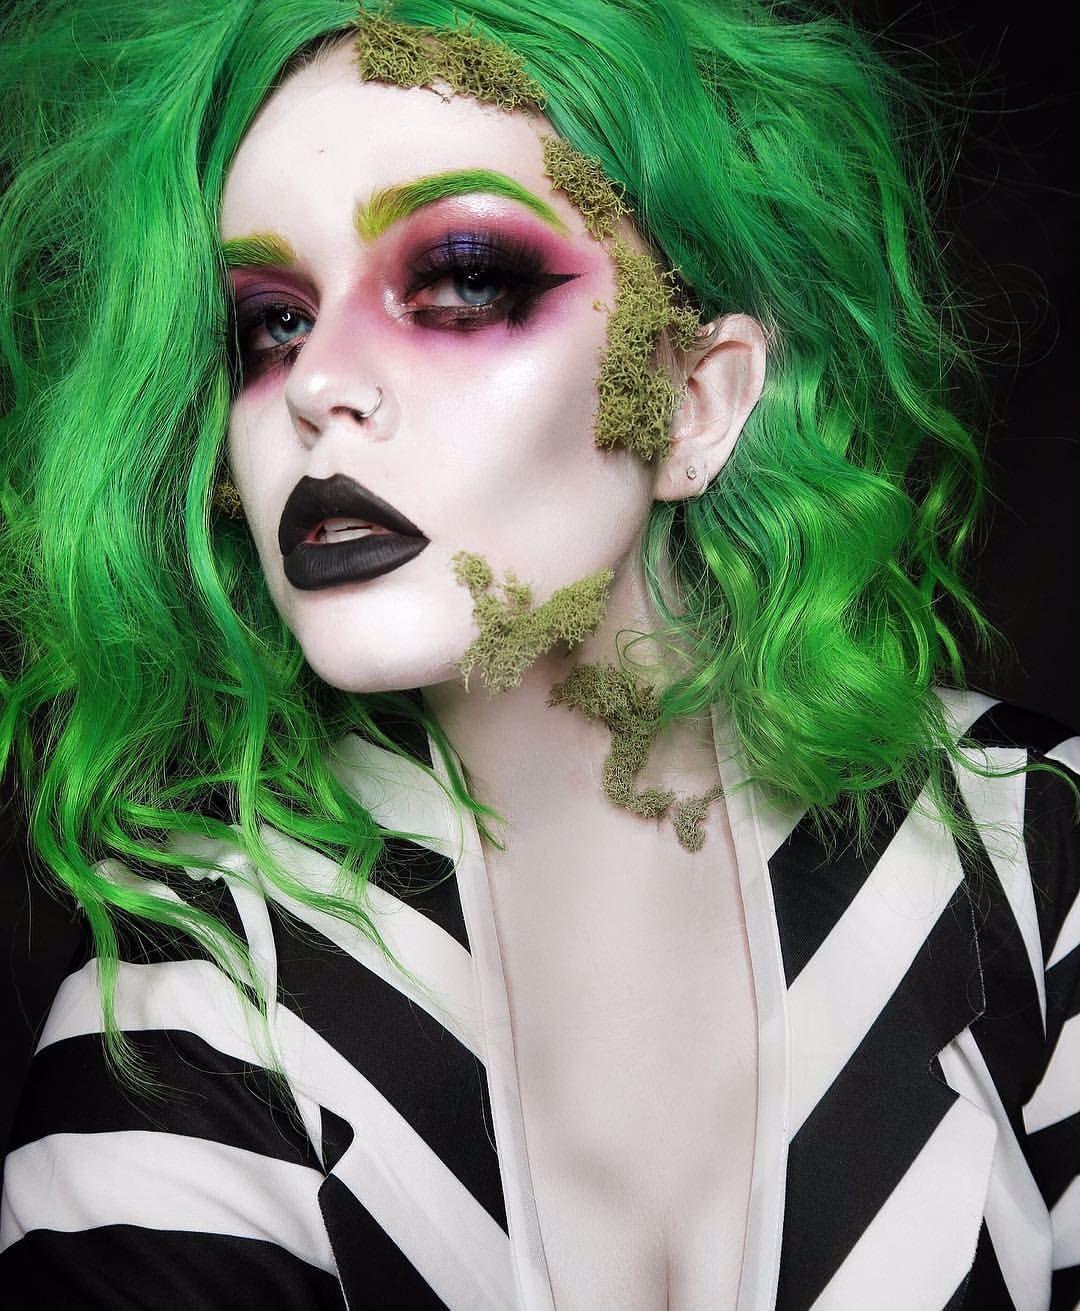 Beetlejuice Costume Female em 2020 imagens) Looks